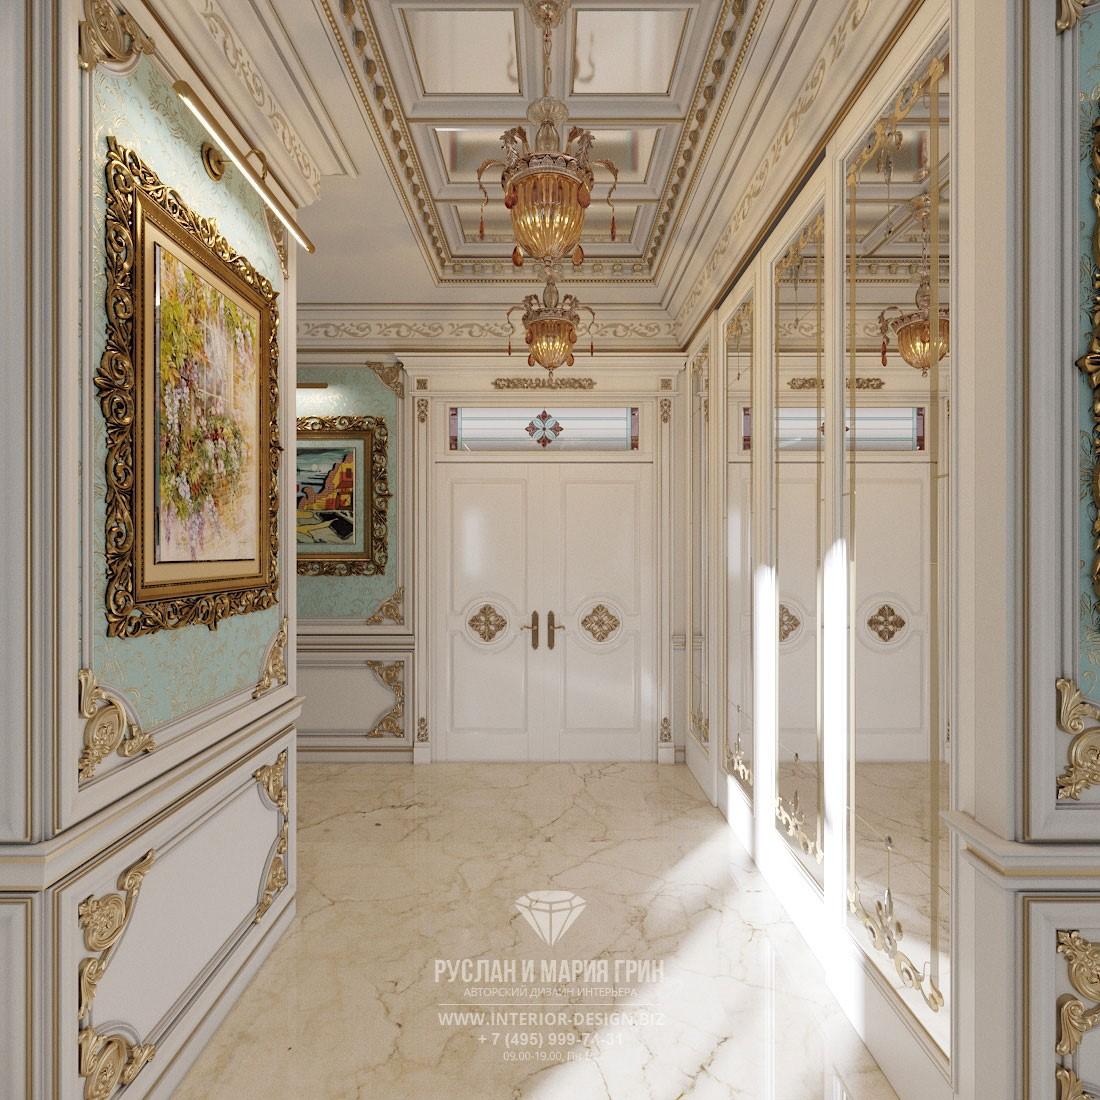 Дизайн элитного дома в классическом стиле – коридор с комбинированной отделкой